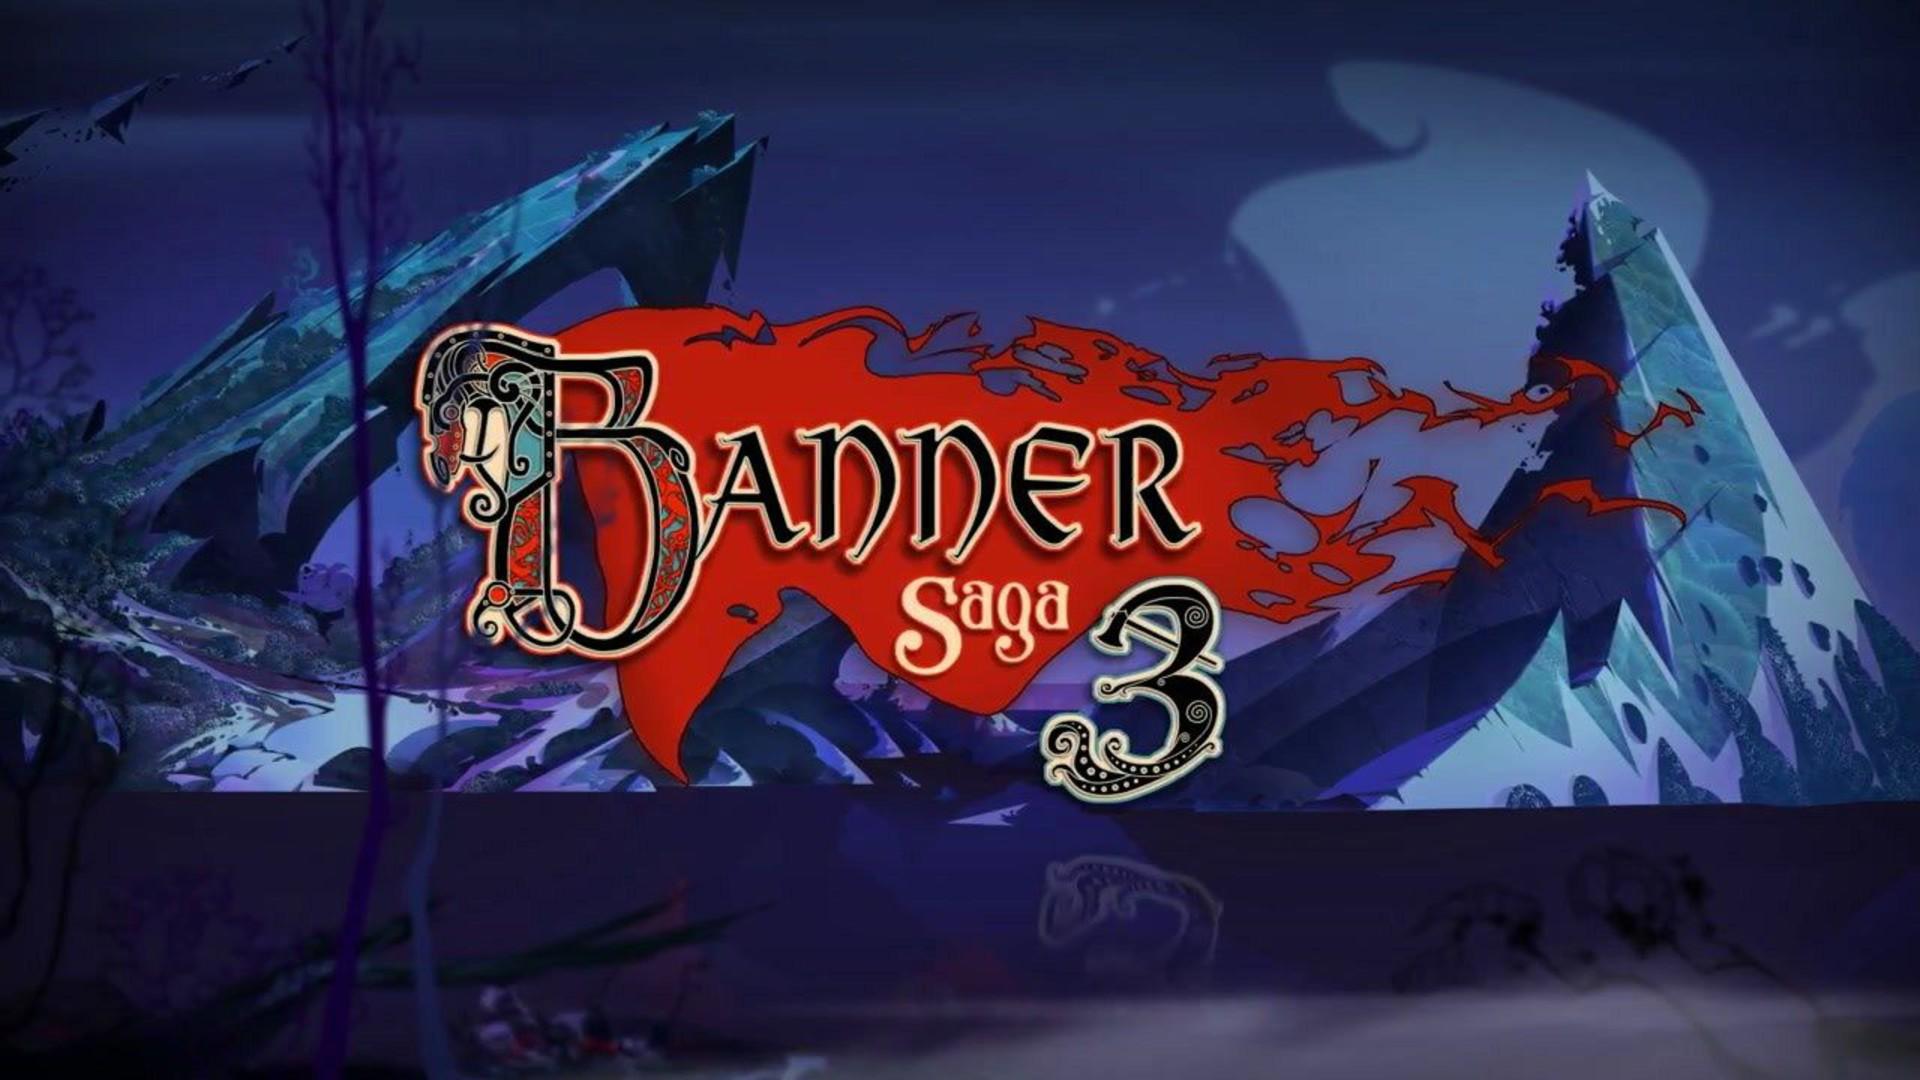 Comenzó la campaña de Kickstarter para The Banner Saga 3